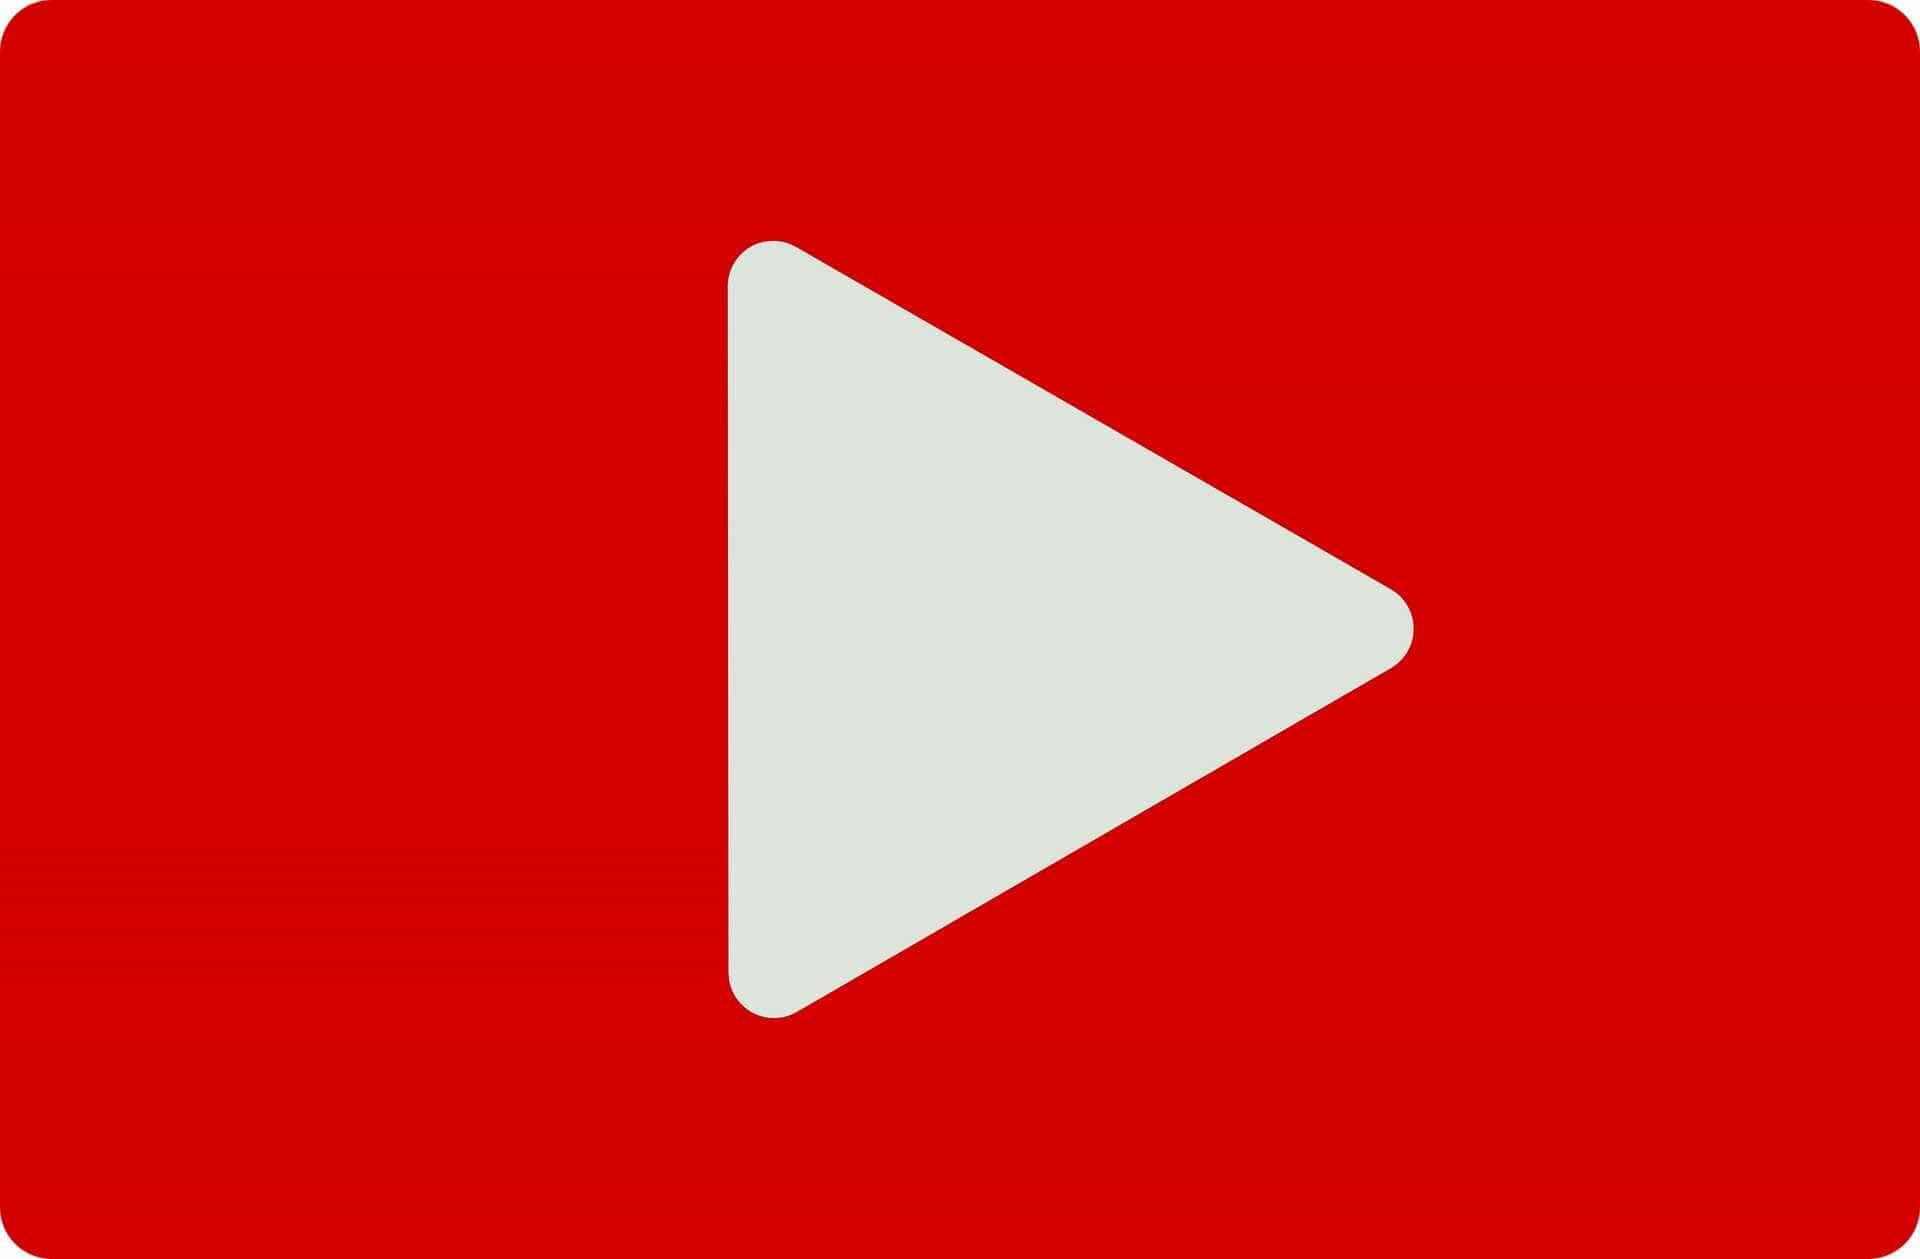 Agora é possível buscar vídeos com o uso de hashtags no YouTube